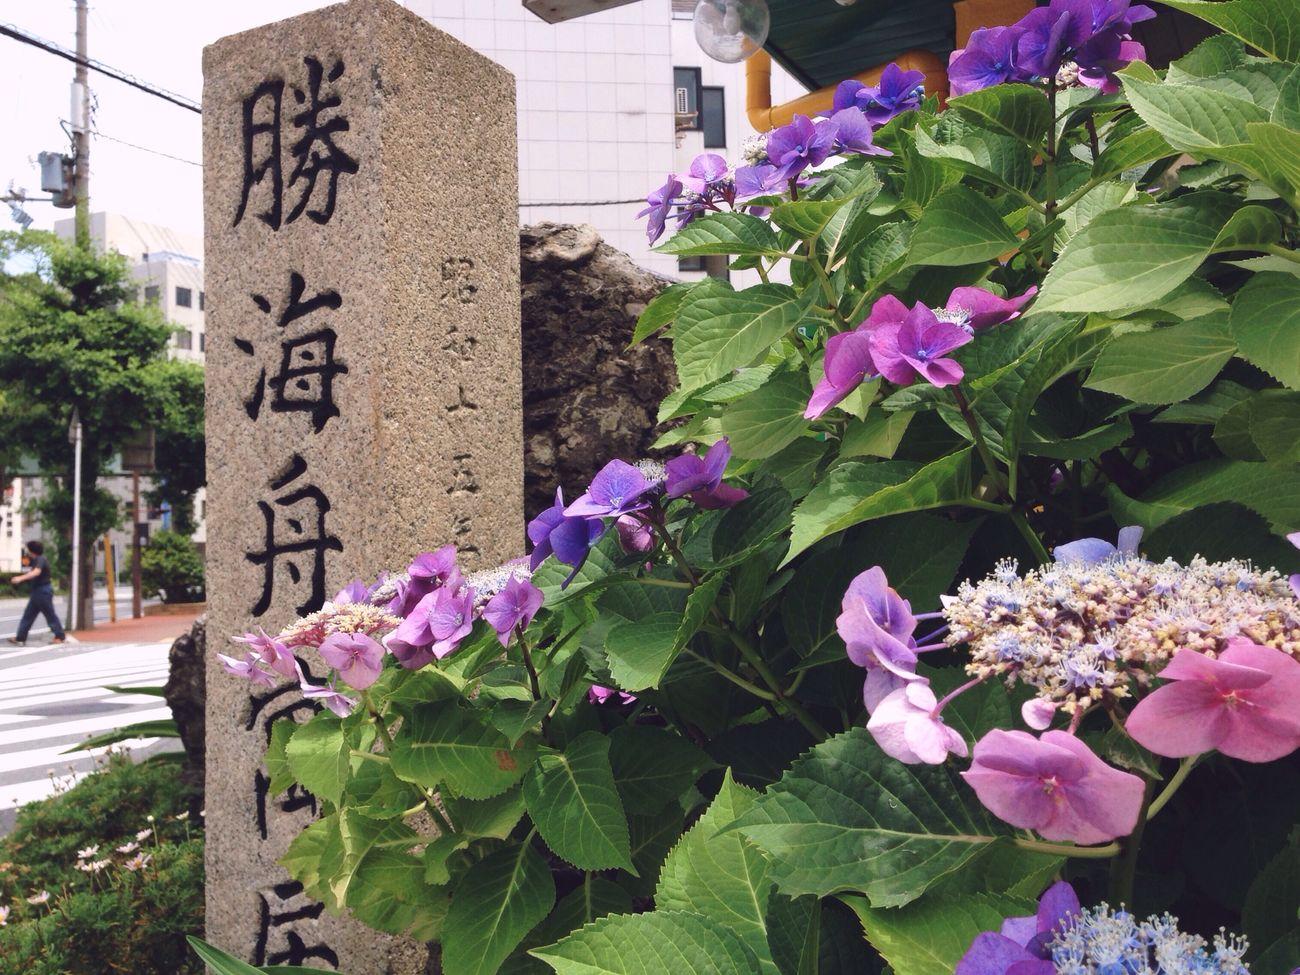 勝海舟寓居地 History-walk Japanese Culture Wakayama-shi Wakayama Castle 和歌山市 Hydrangea Macrophylla ガクアジサイ憂い